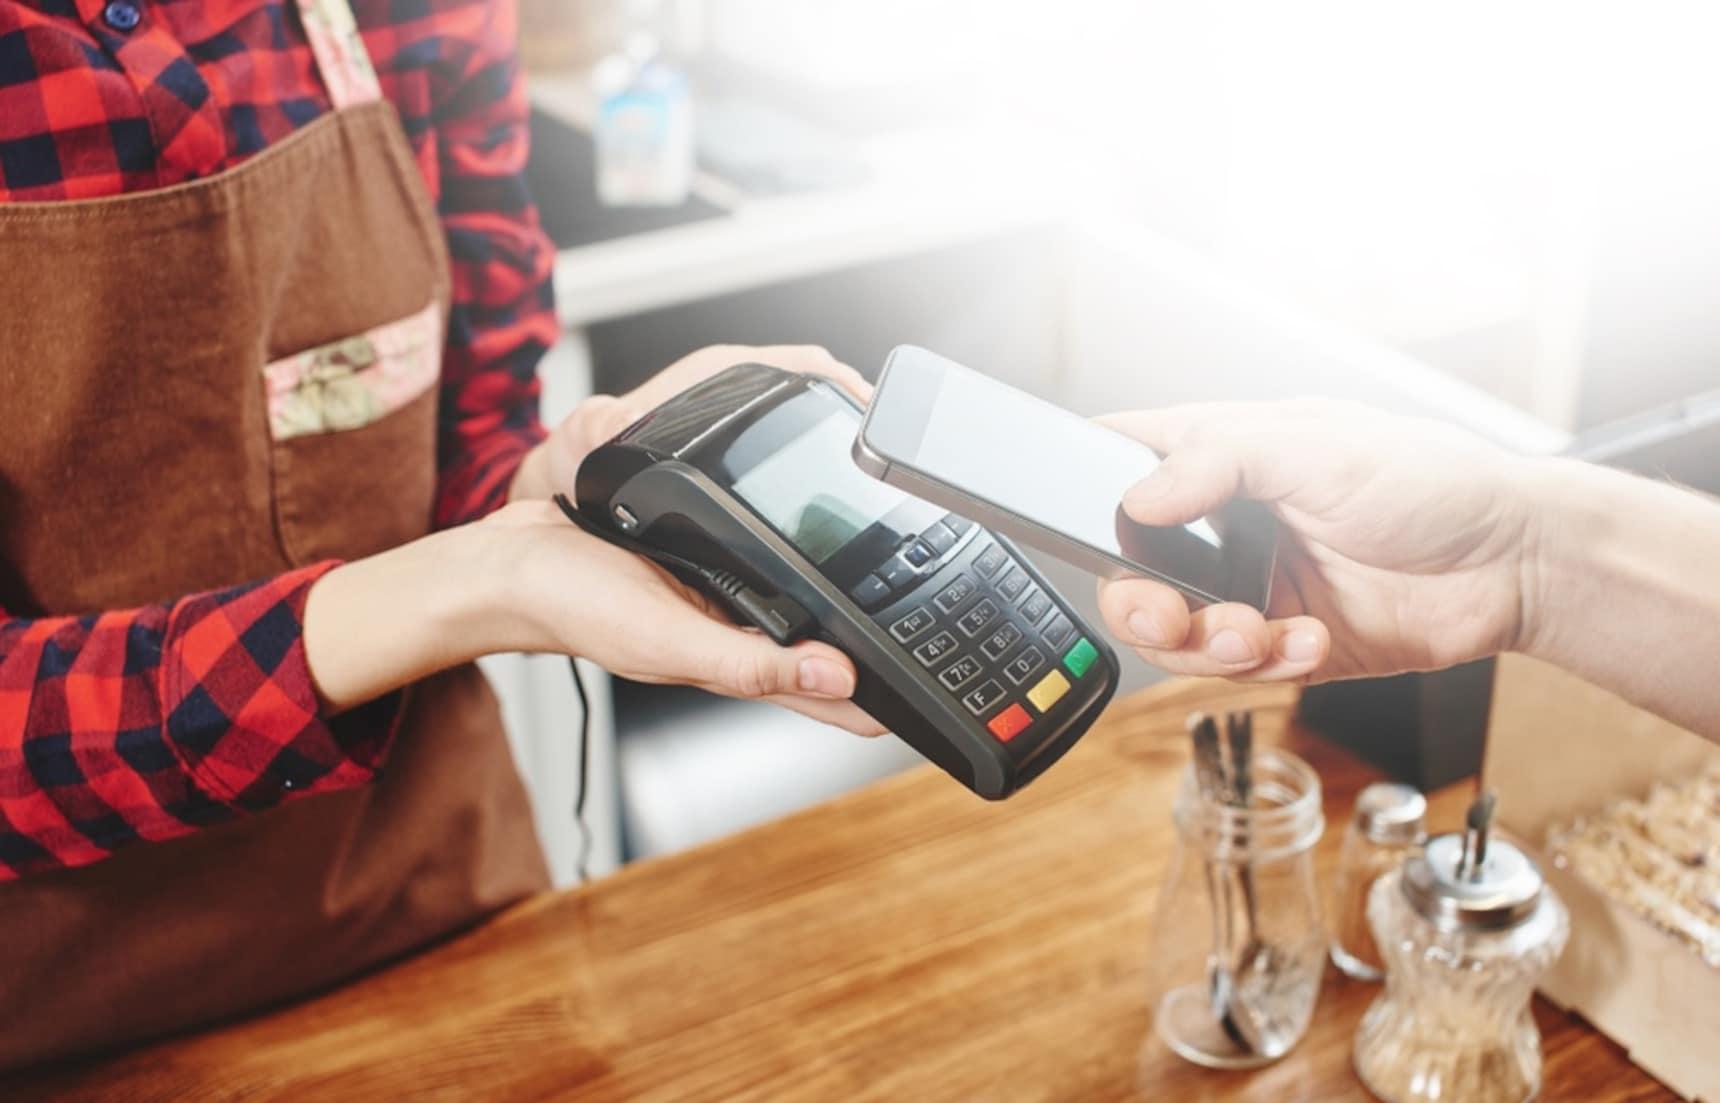 【日本在住須知】善用日本手機支付點數回饋制度,迎向毫無壓力的生活消費新時代